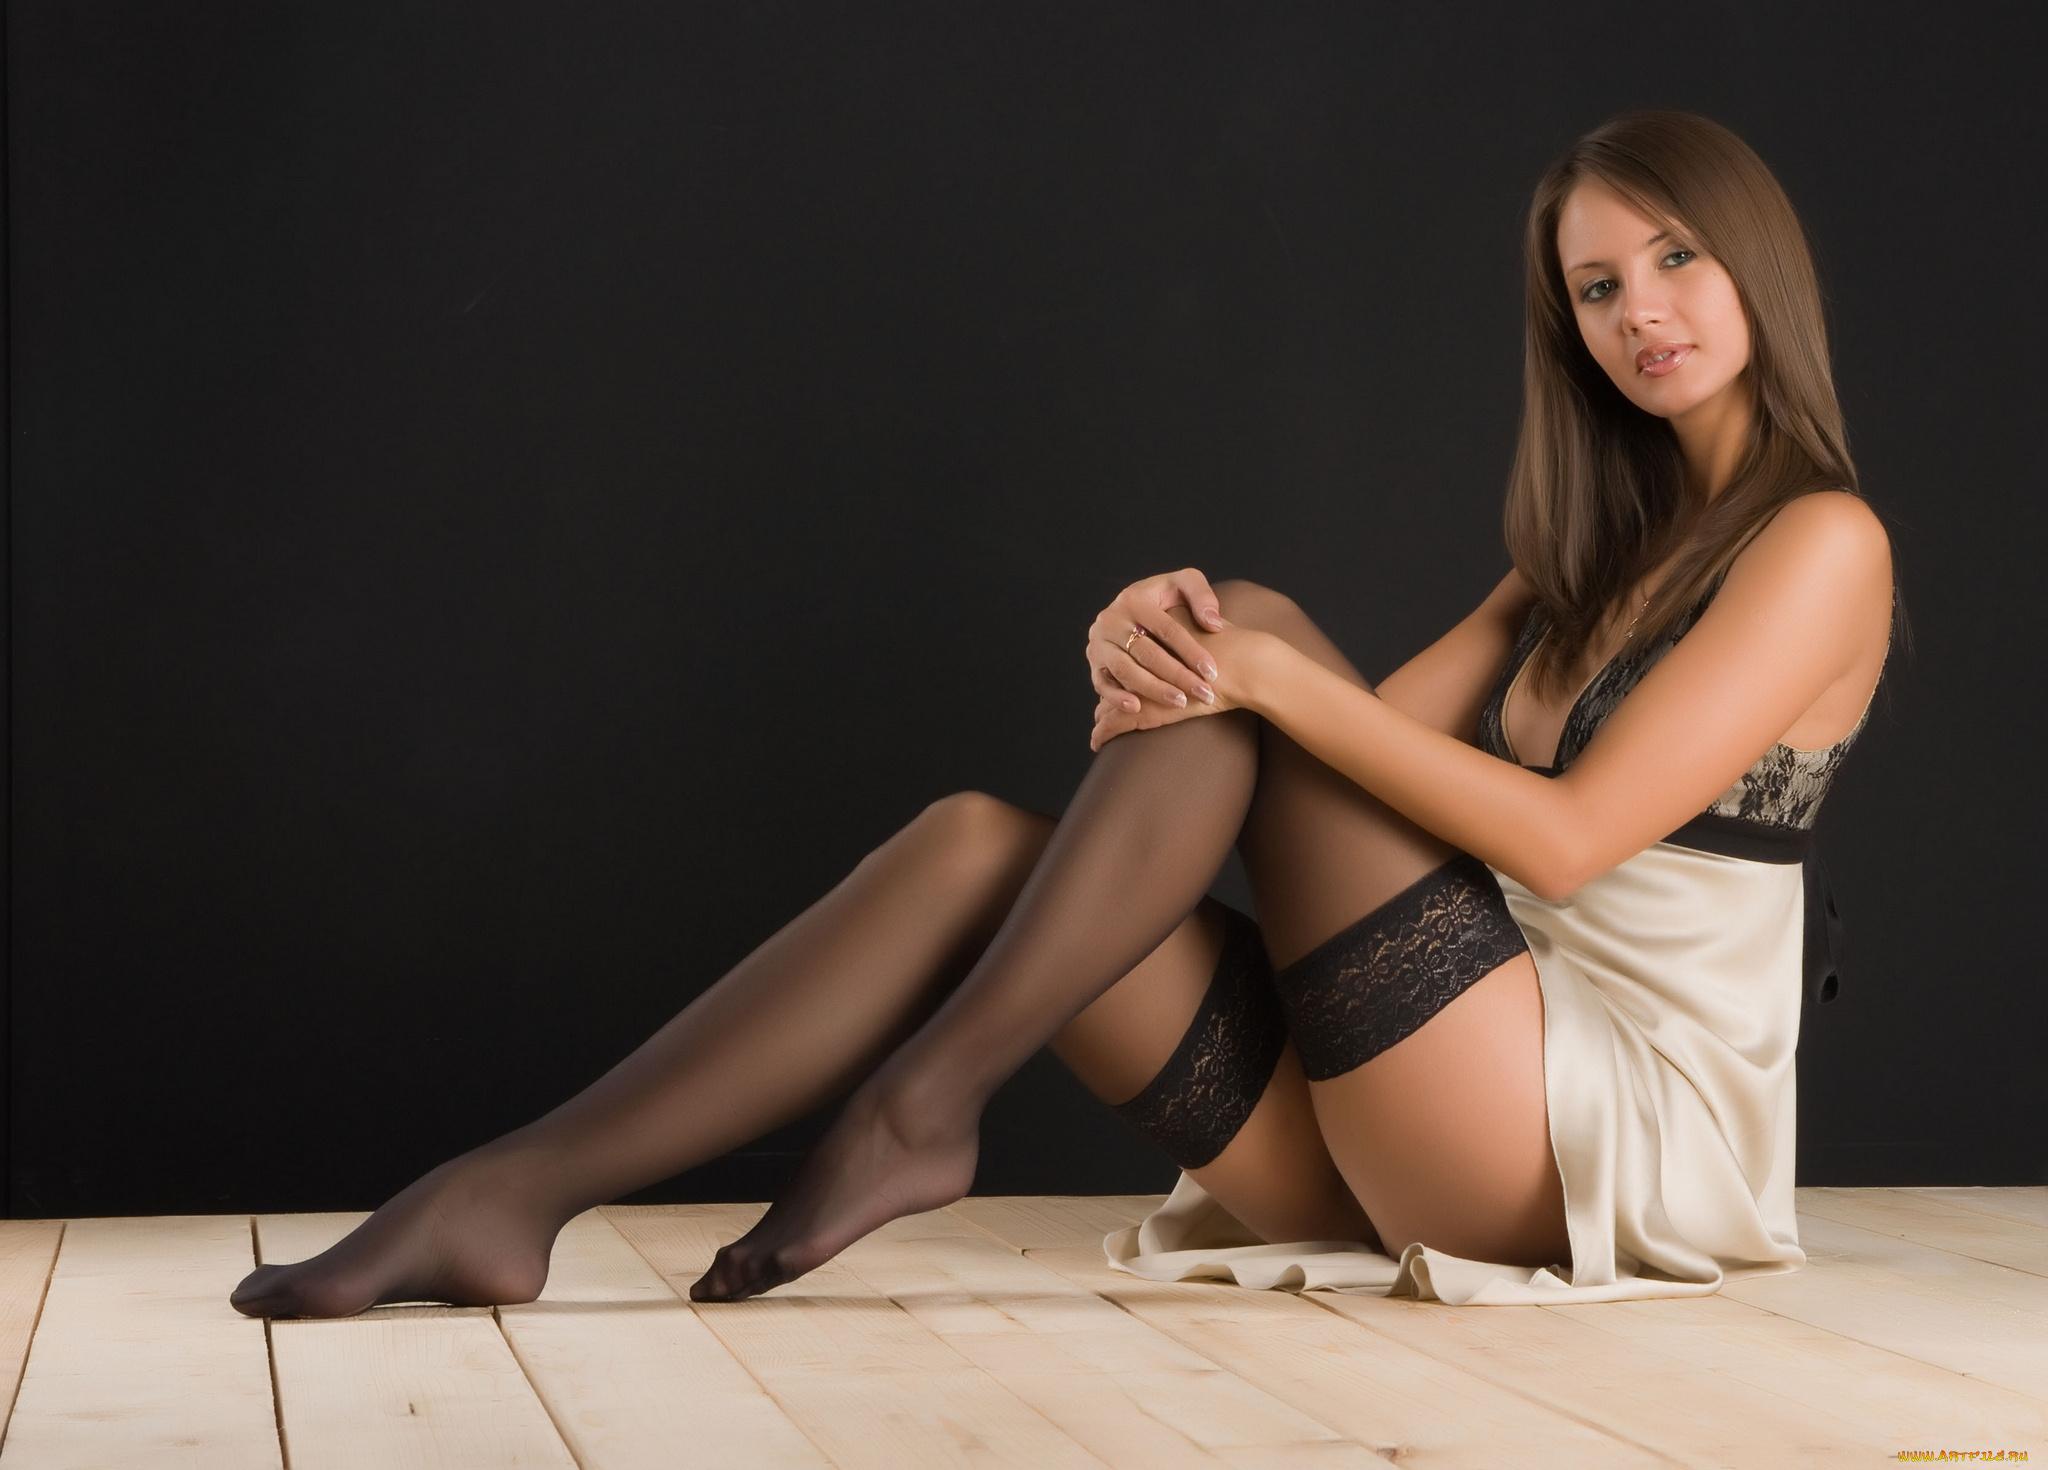 Худощавая европейка раздевается у плетённого кресла  315209